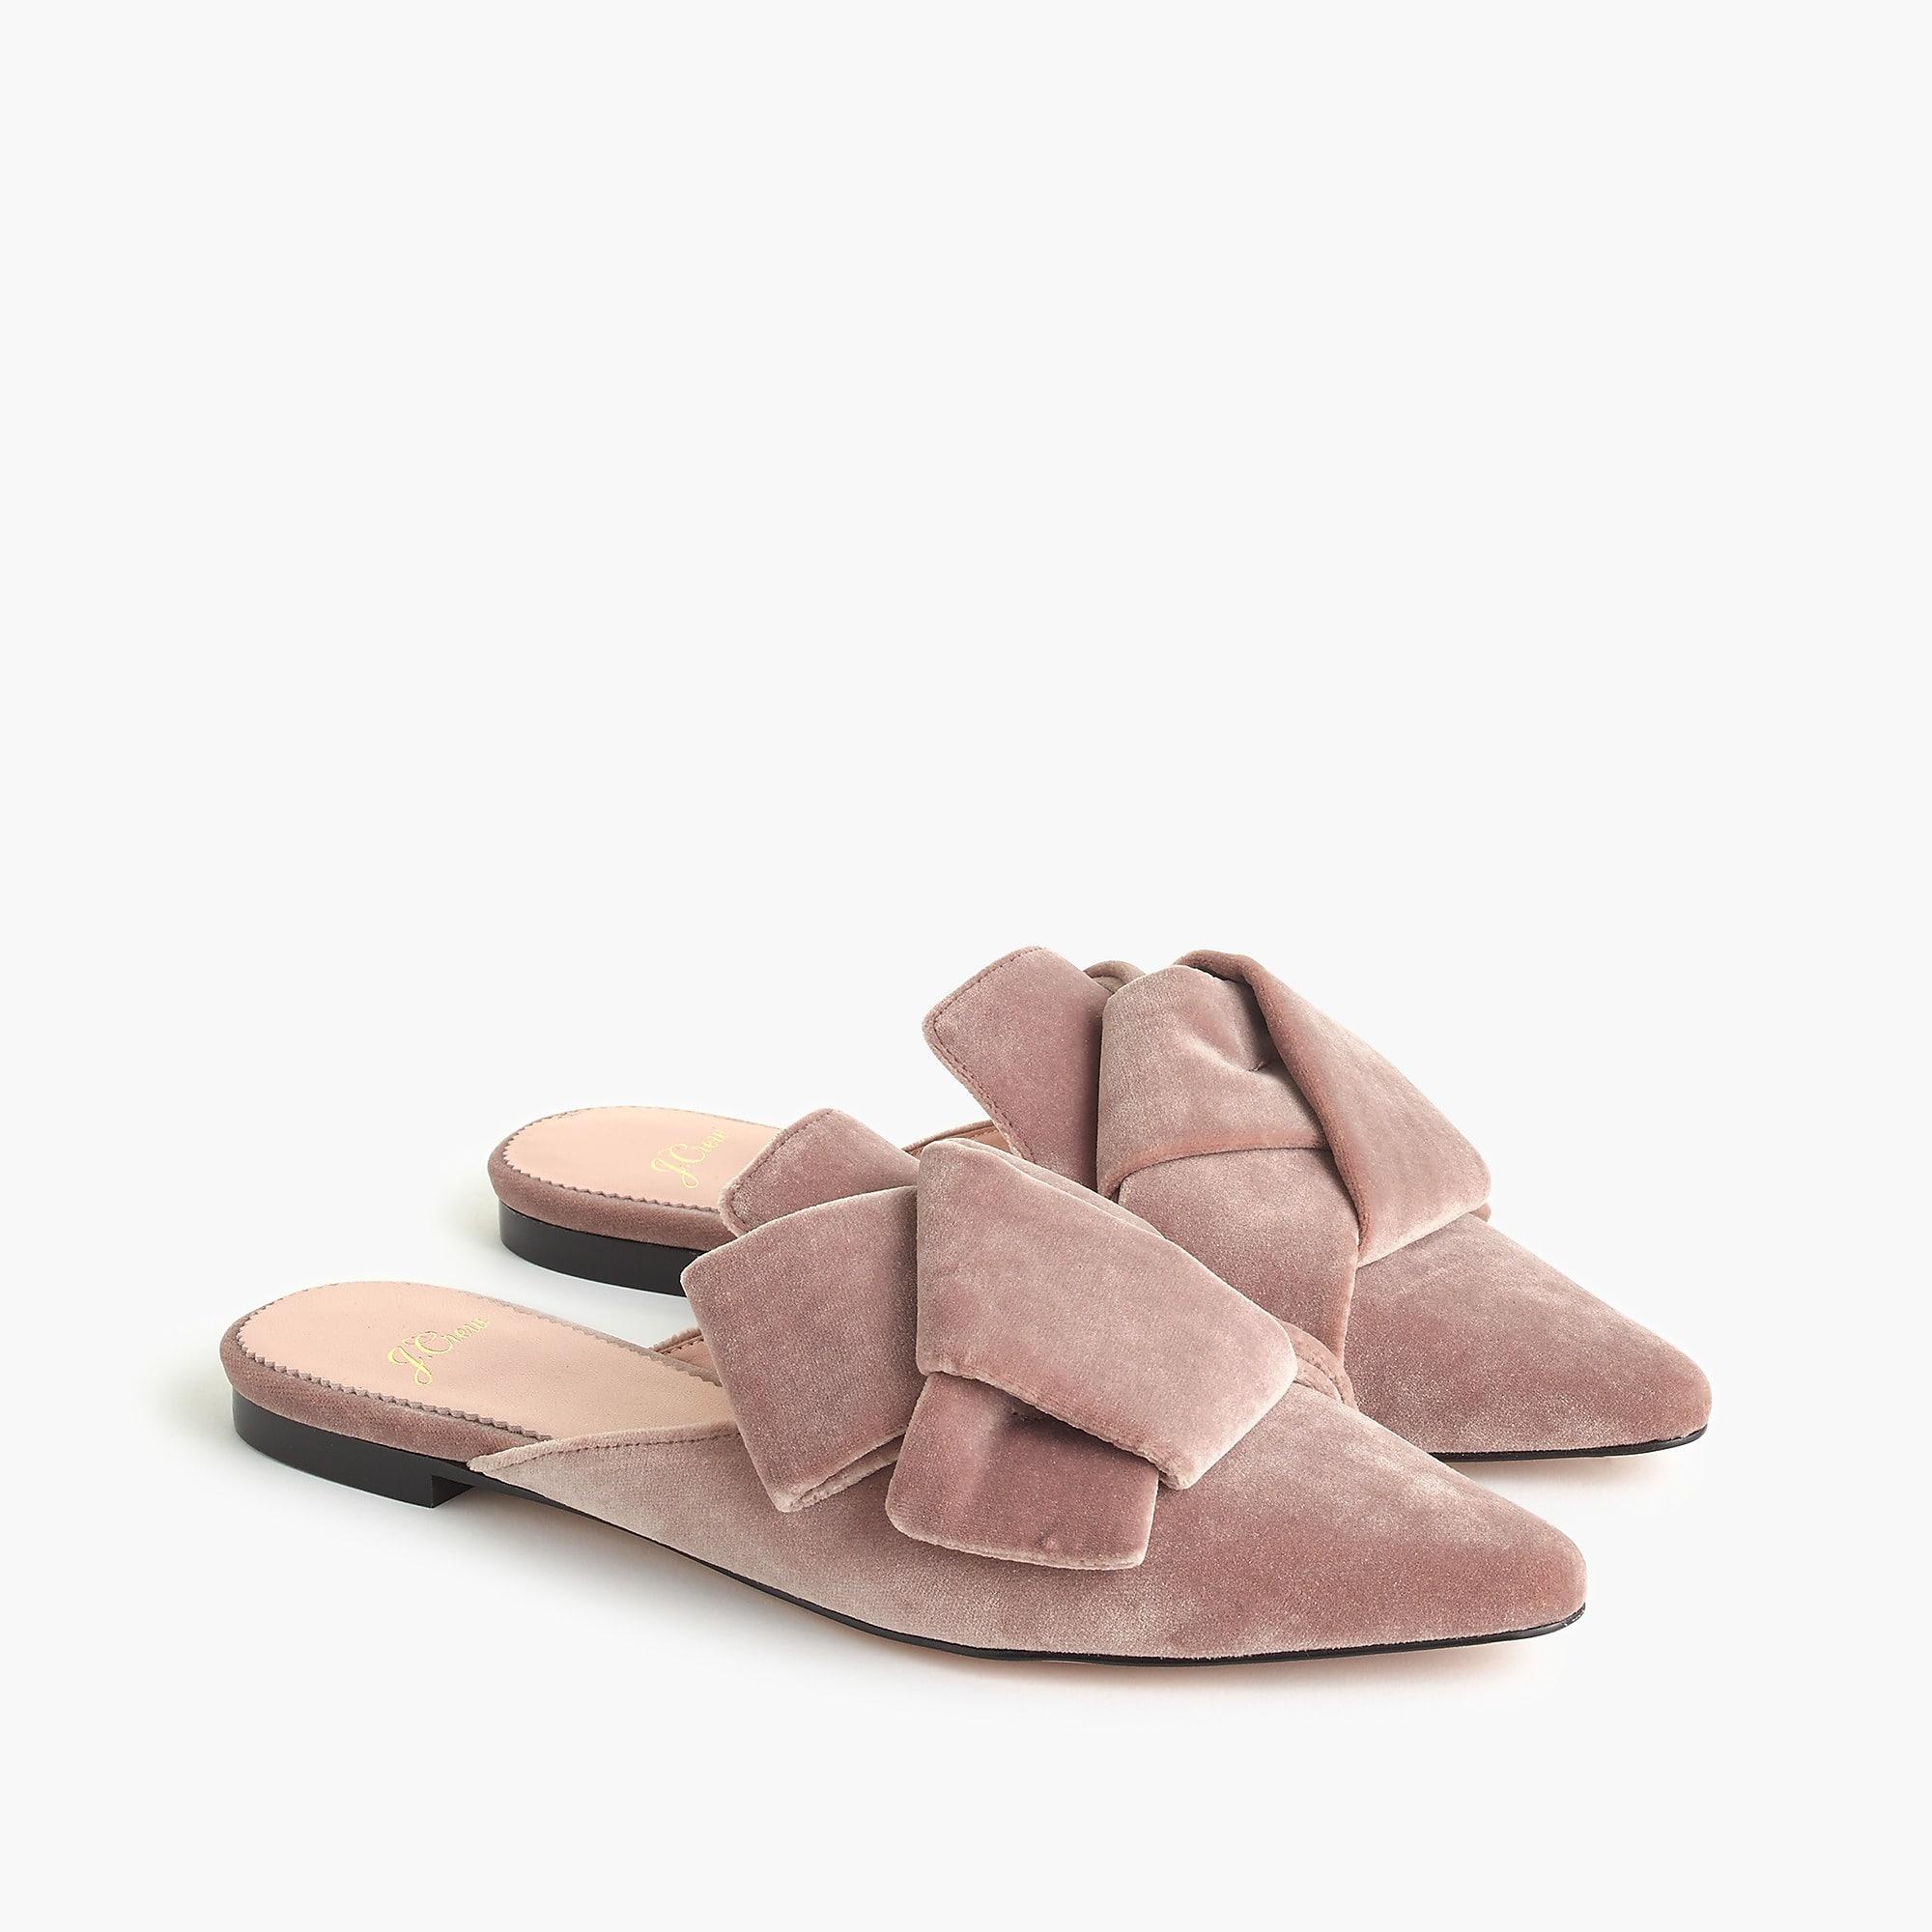 pointed-toe slides in velvet --- so cute for fall!